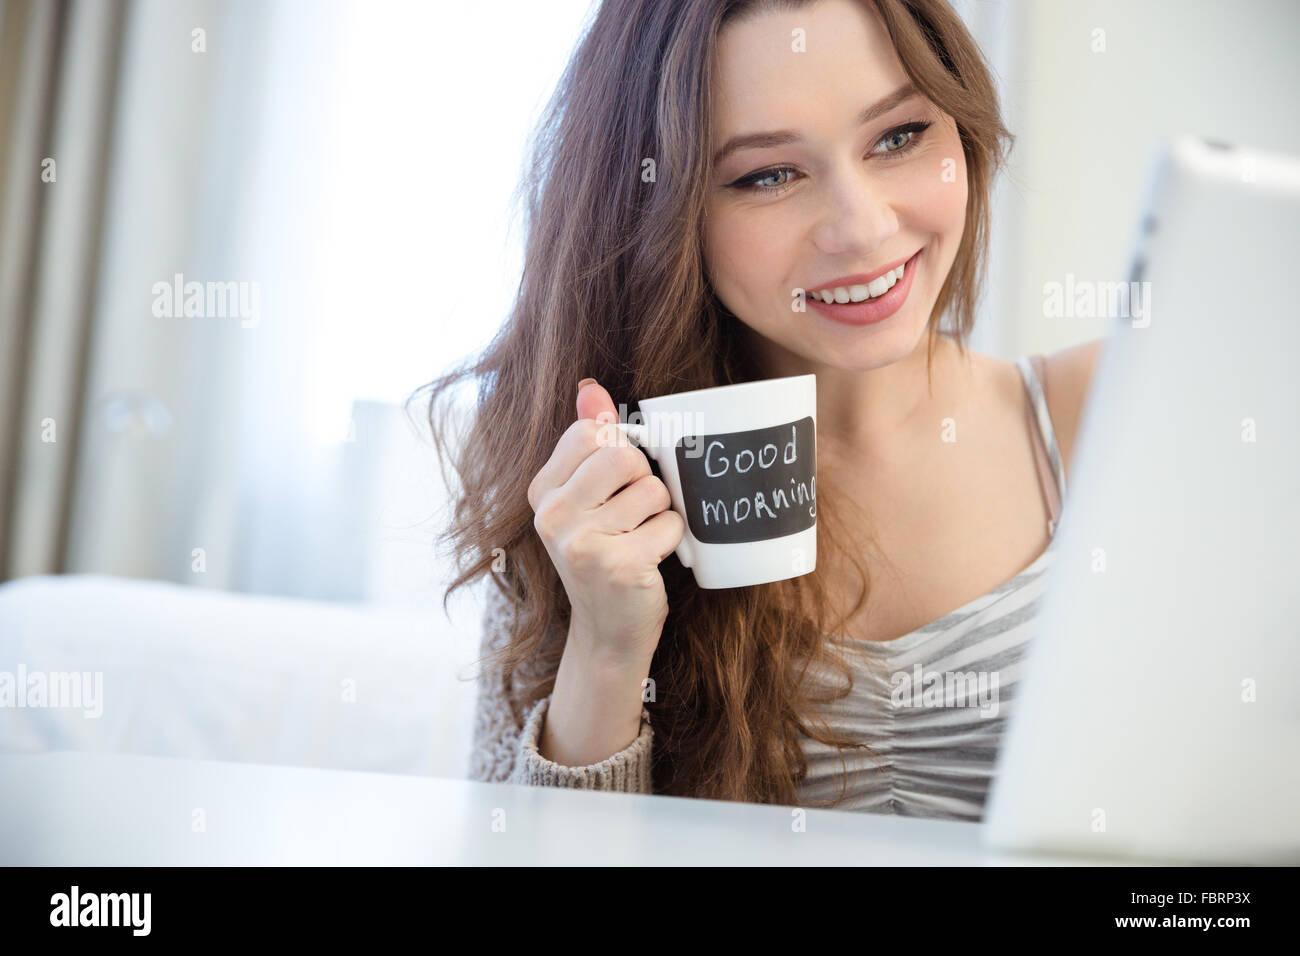 Sourire charmant jeune businessman et de boire du café à partir de mug blanc avec zone noire pour l'écriture Photo Stock